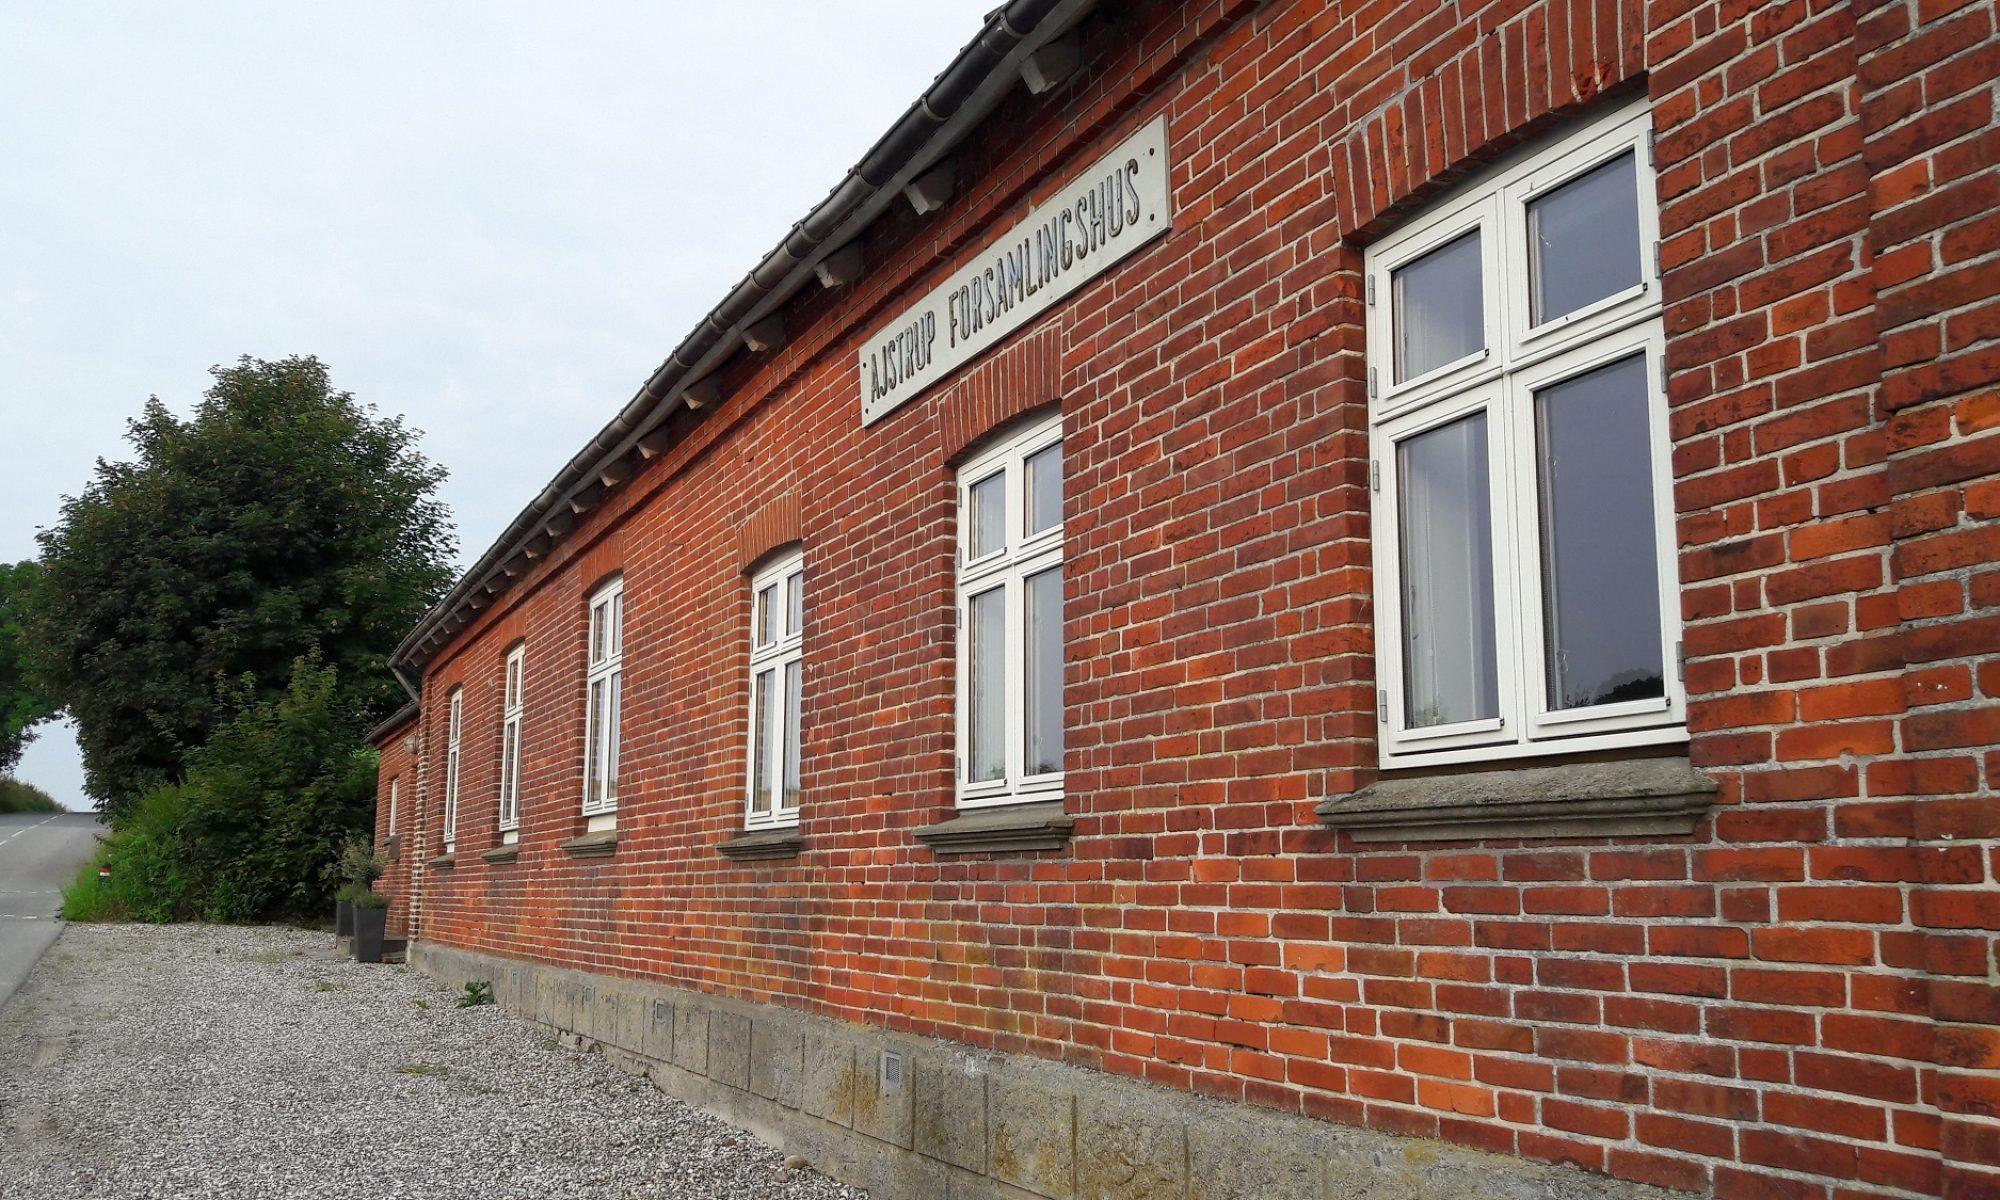 Ajstrup Forsamlingshus